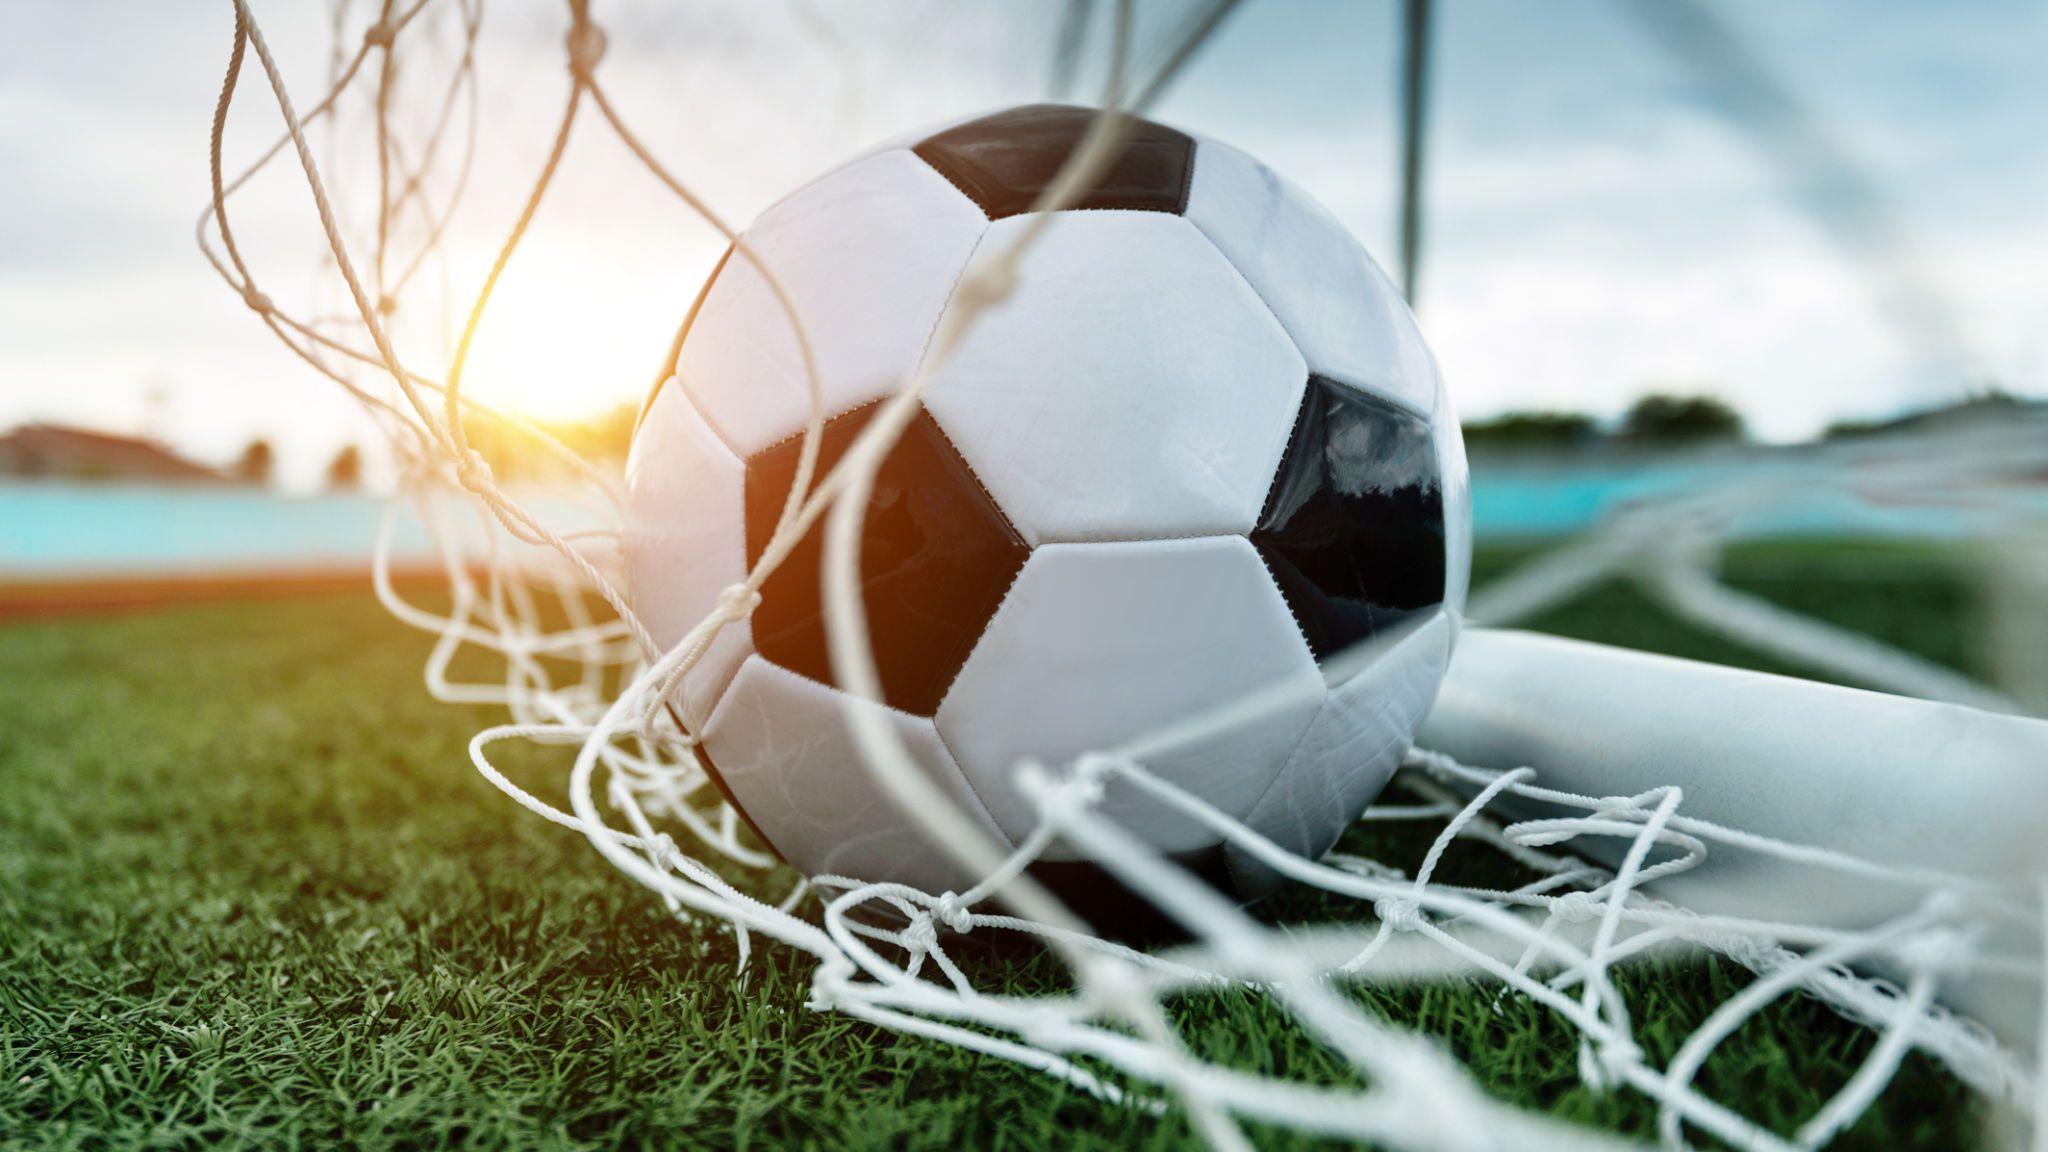 Ставки в футболе, как и в других дисциплинах бывают совершенно разные по степени риска. Каждая ставка относится к к одной из категорий оправданные и рискованные ставки